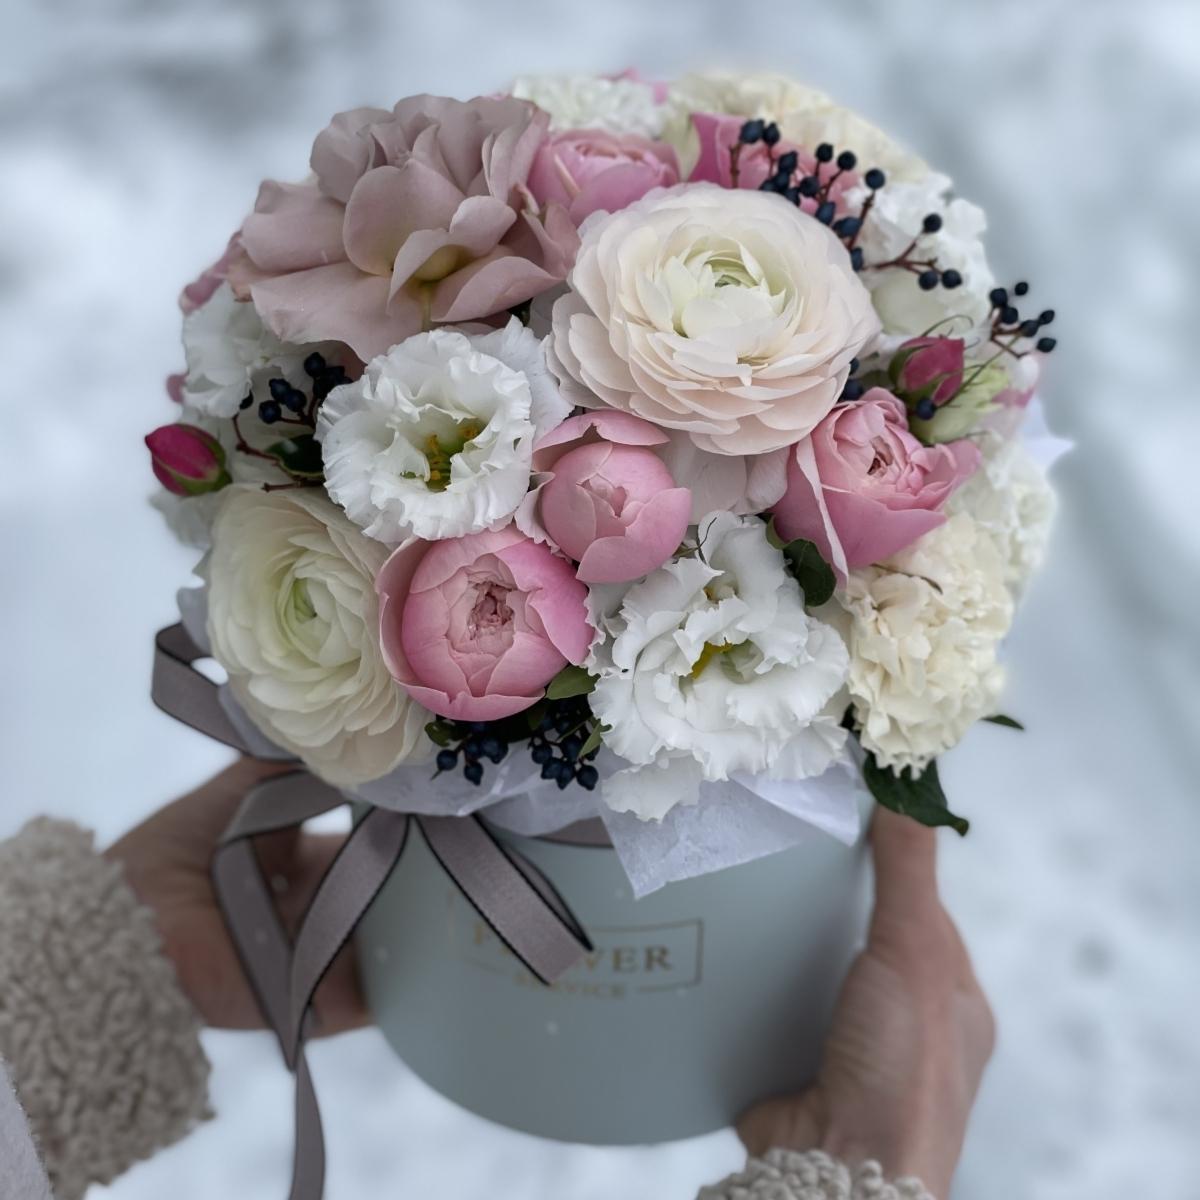 Коробка Формула любви из ранункулюсов, вибурнума и роз